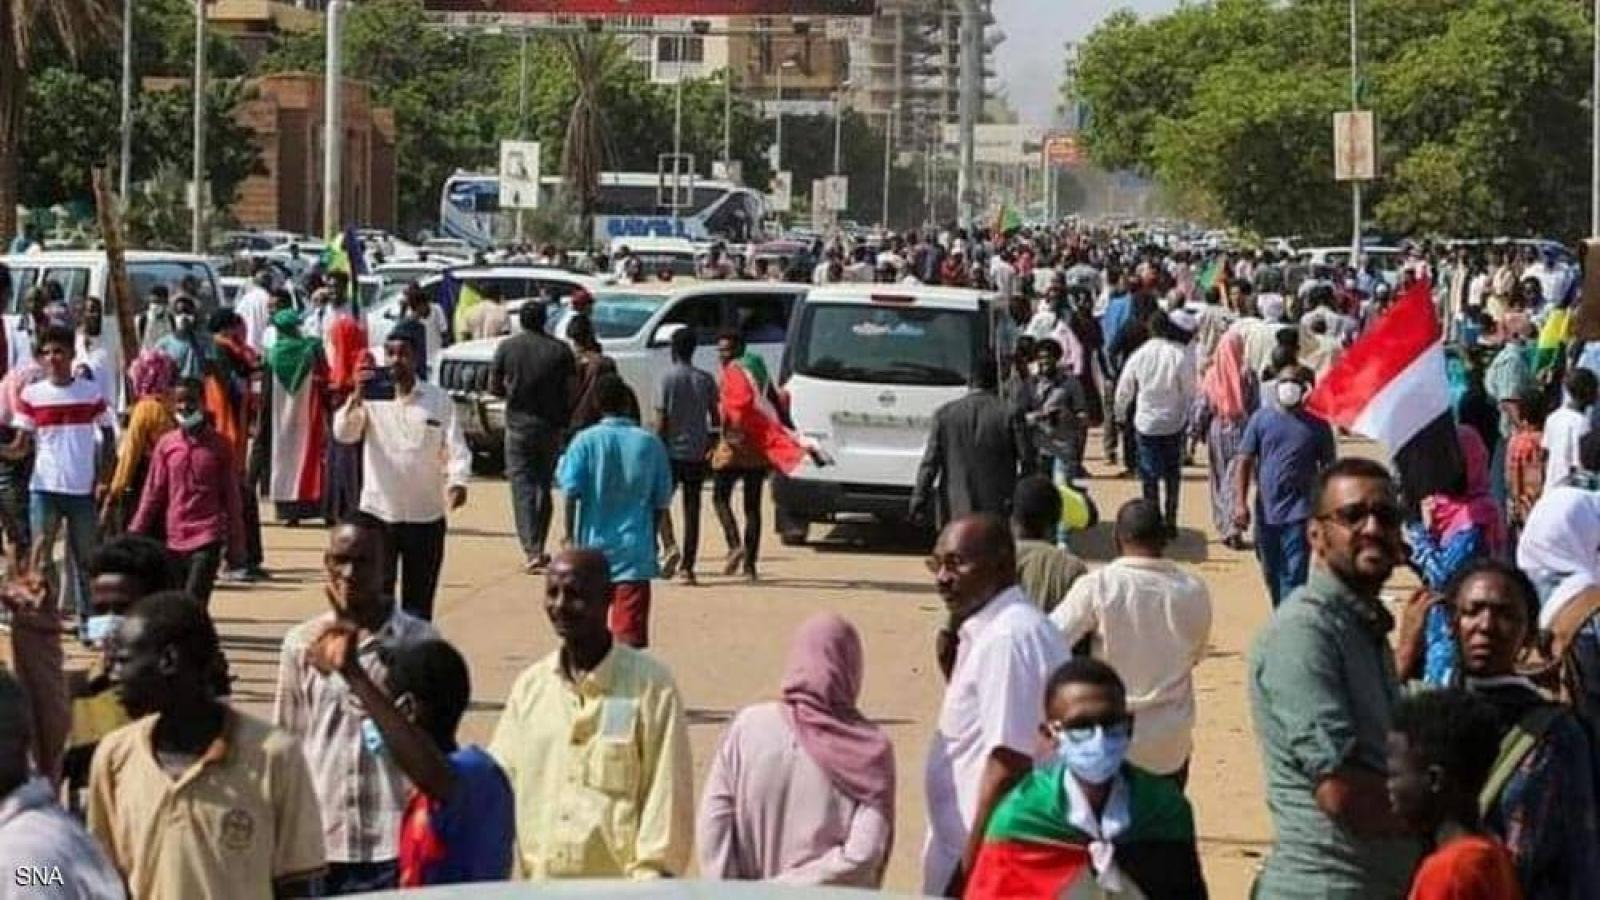 Hàng nghìn người biểu tình ở thủ đô Khartoum (Sudan) yêu cầu thành lập chính phủ